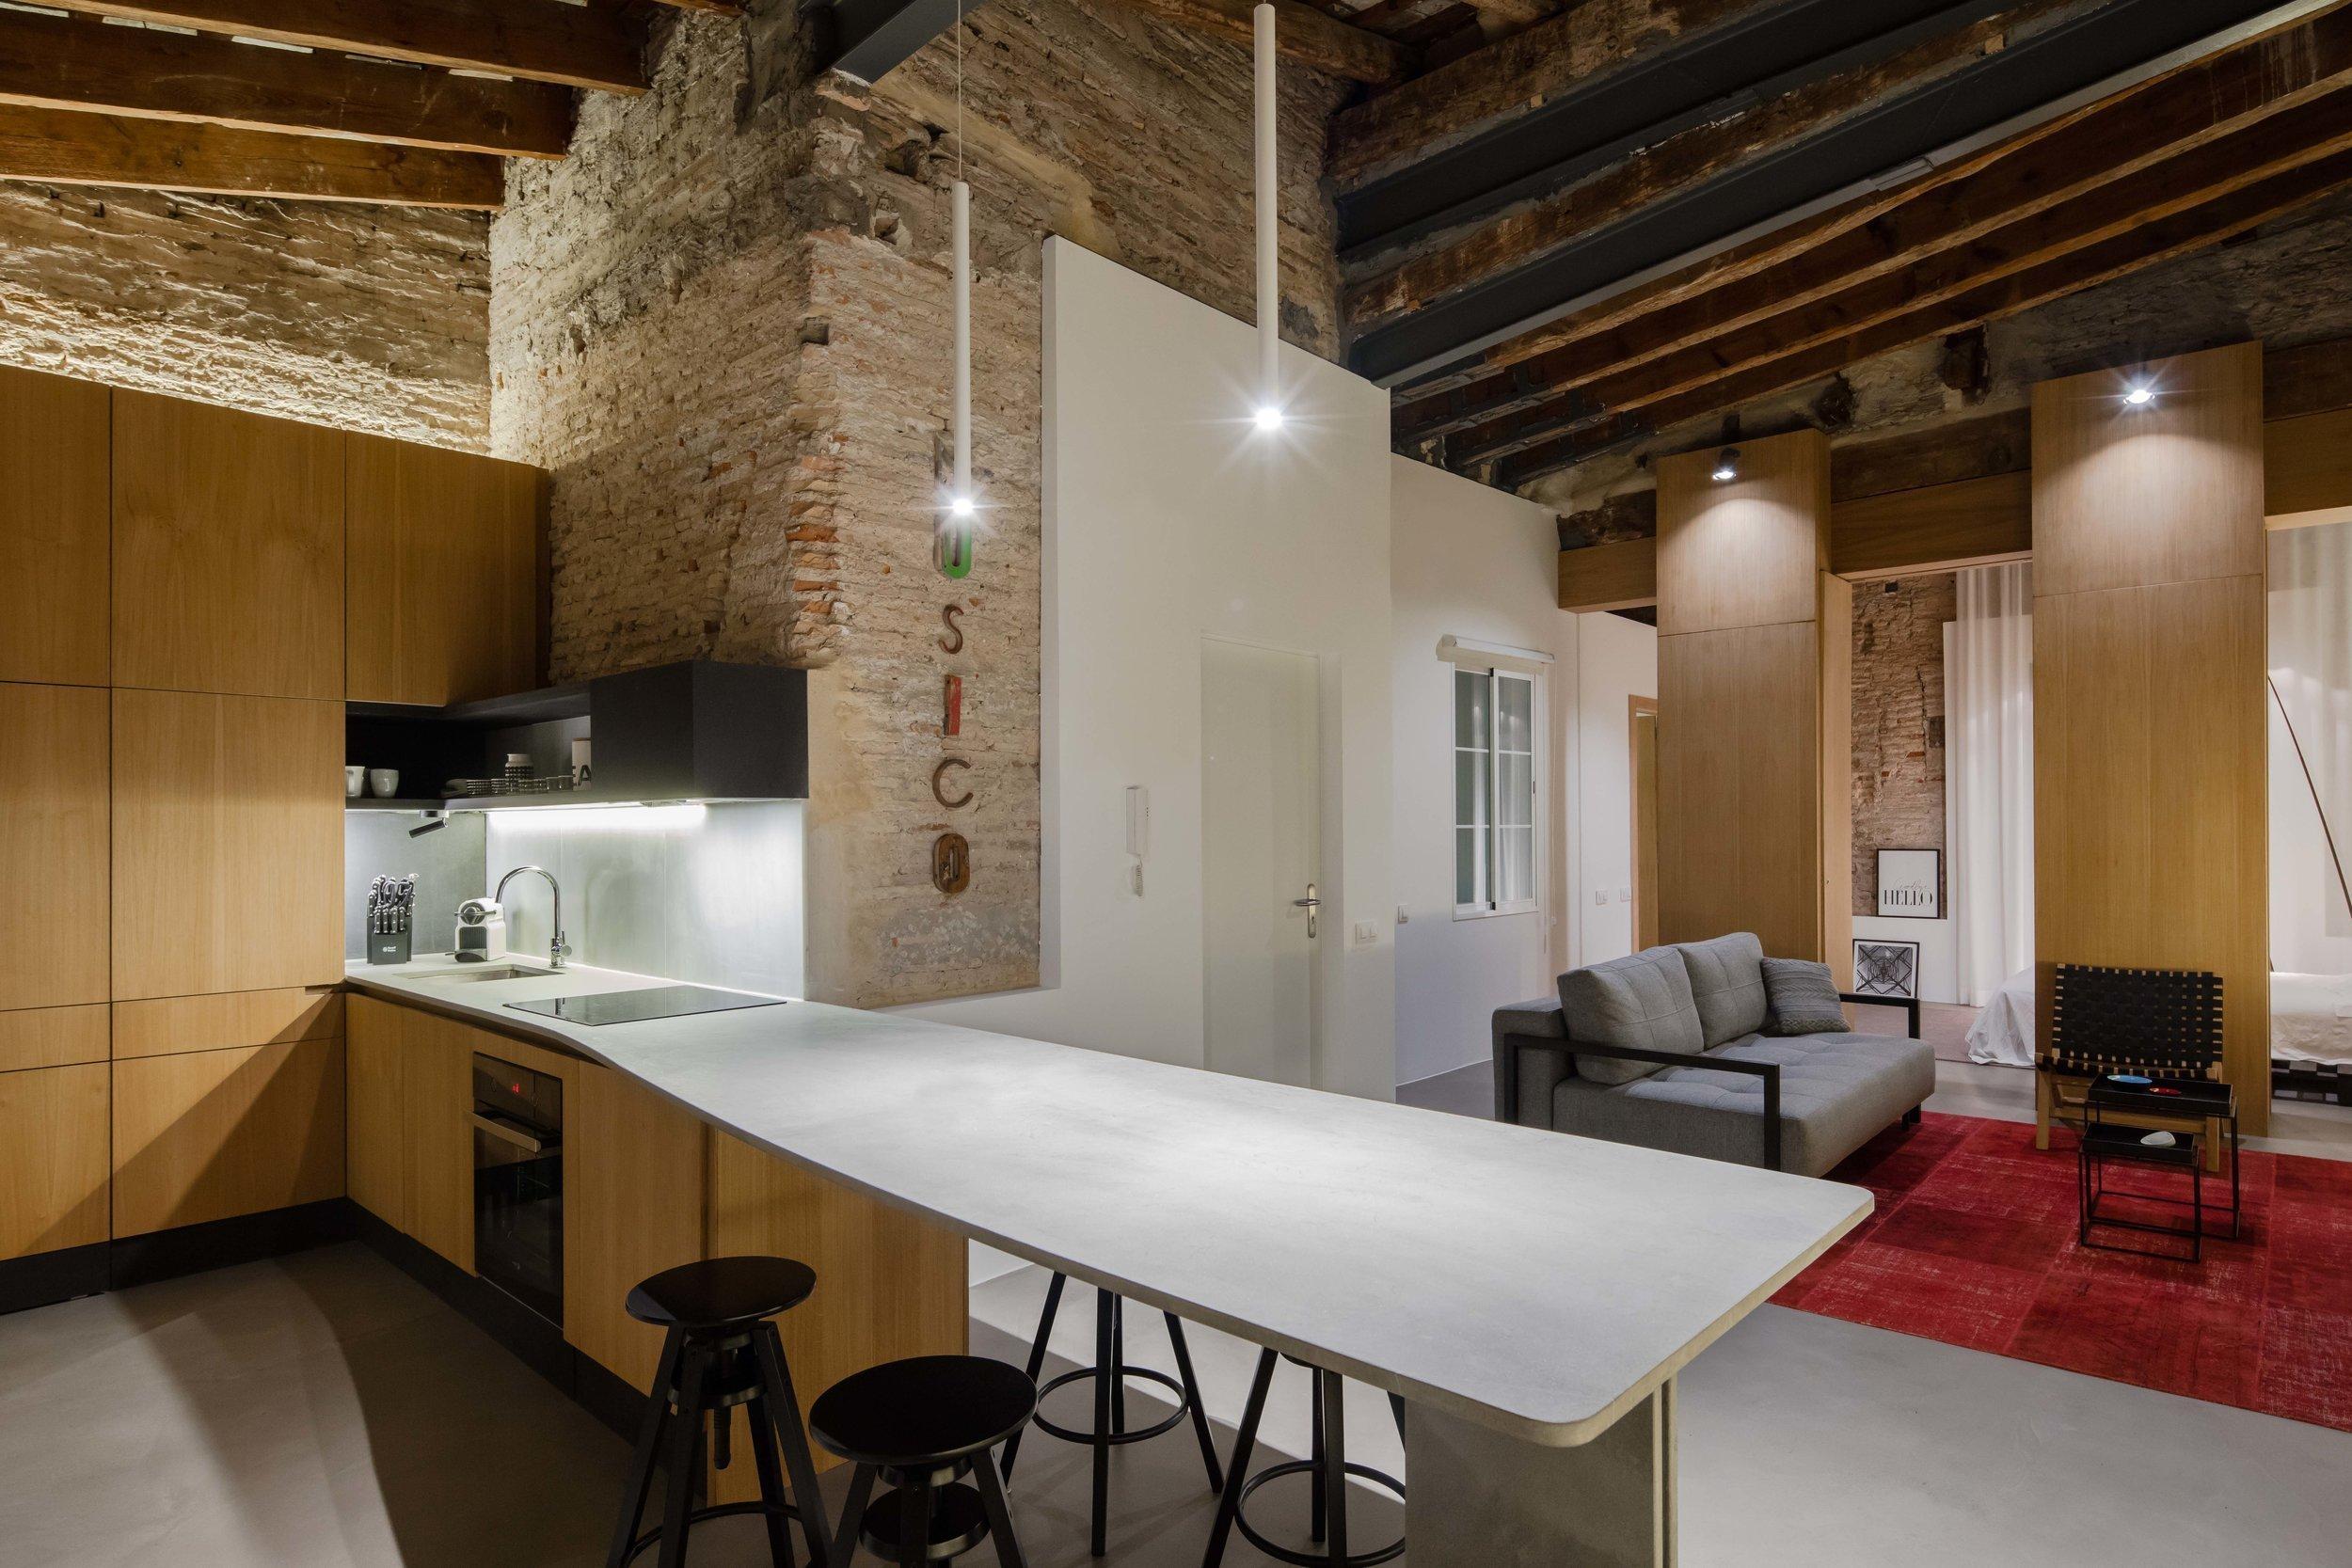 Když se stavba dostane do rukou šikovného architekta, hned vznikne něco dokonalého. Jinak tomu nebylo ani ve španělské Valencii, kde architekt proměnil starou půdu o velikosti 60 metrů čtverečních v krásné bydlení s otevřenými prostory, kde je jediným soukromým prostorem koupelna. Co v bytě starého mládence najdeme, tedy kromě odhalených cihel a krov?